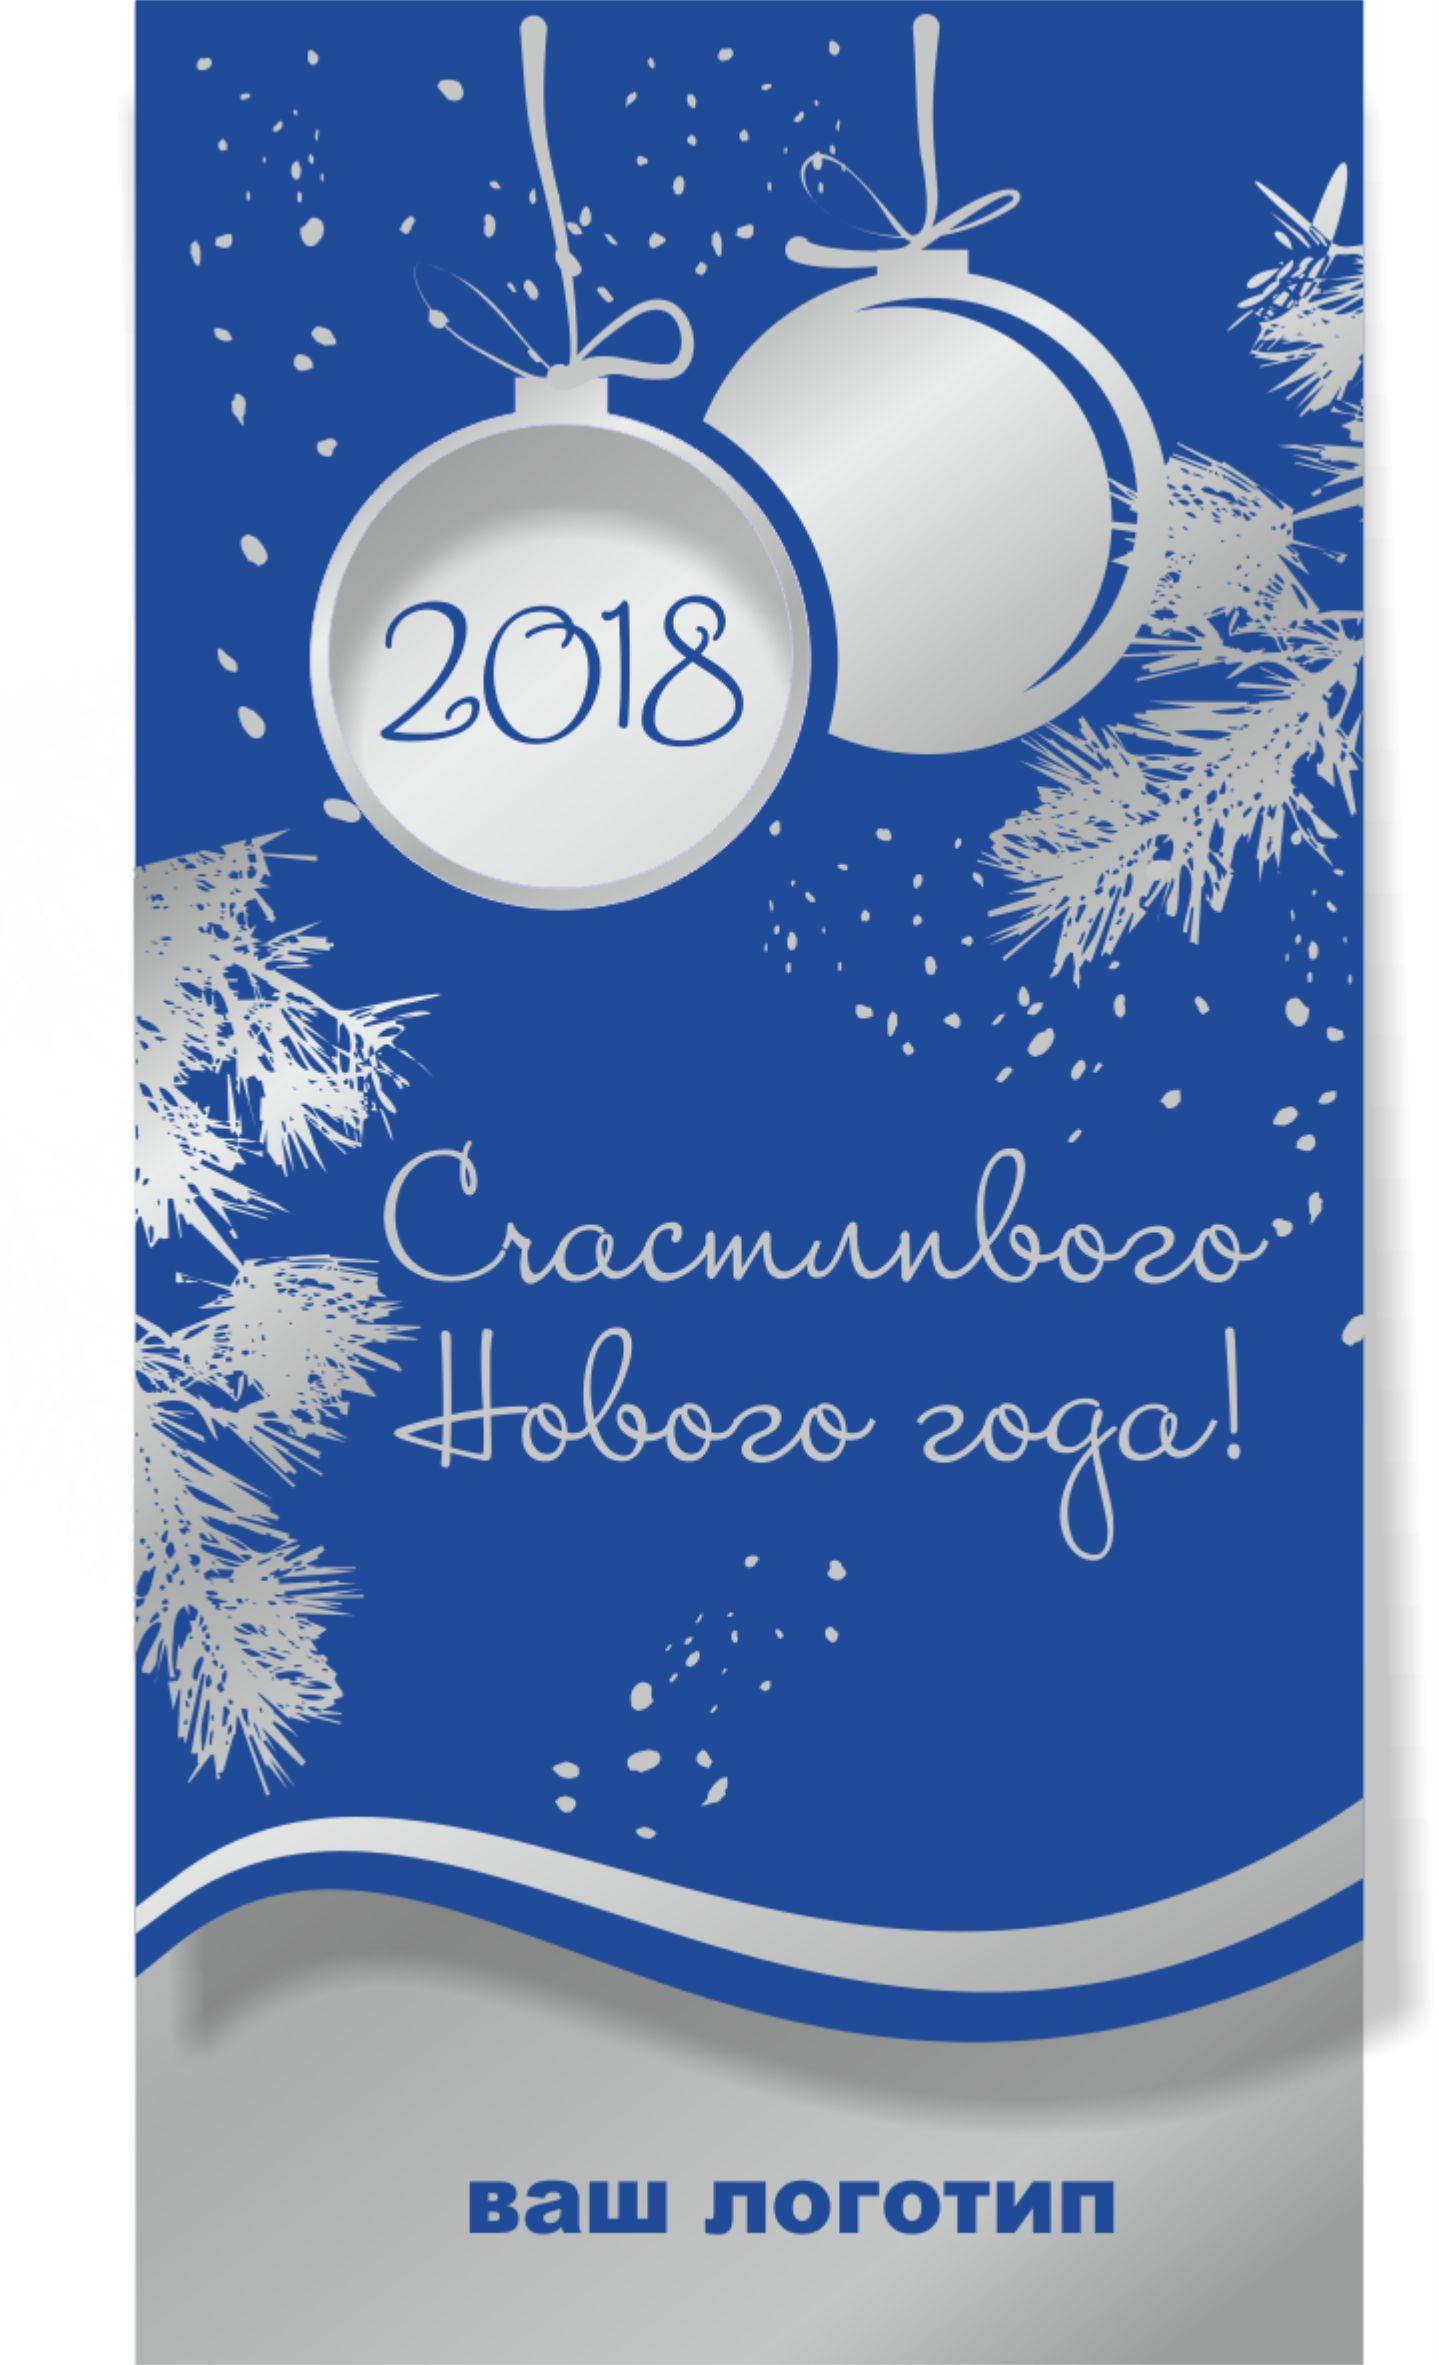 Макет новогодние открытки, прощения любимого картинки